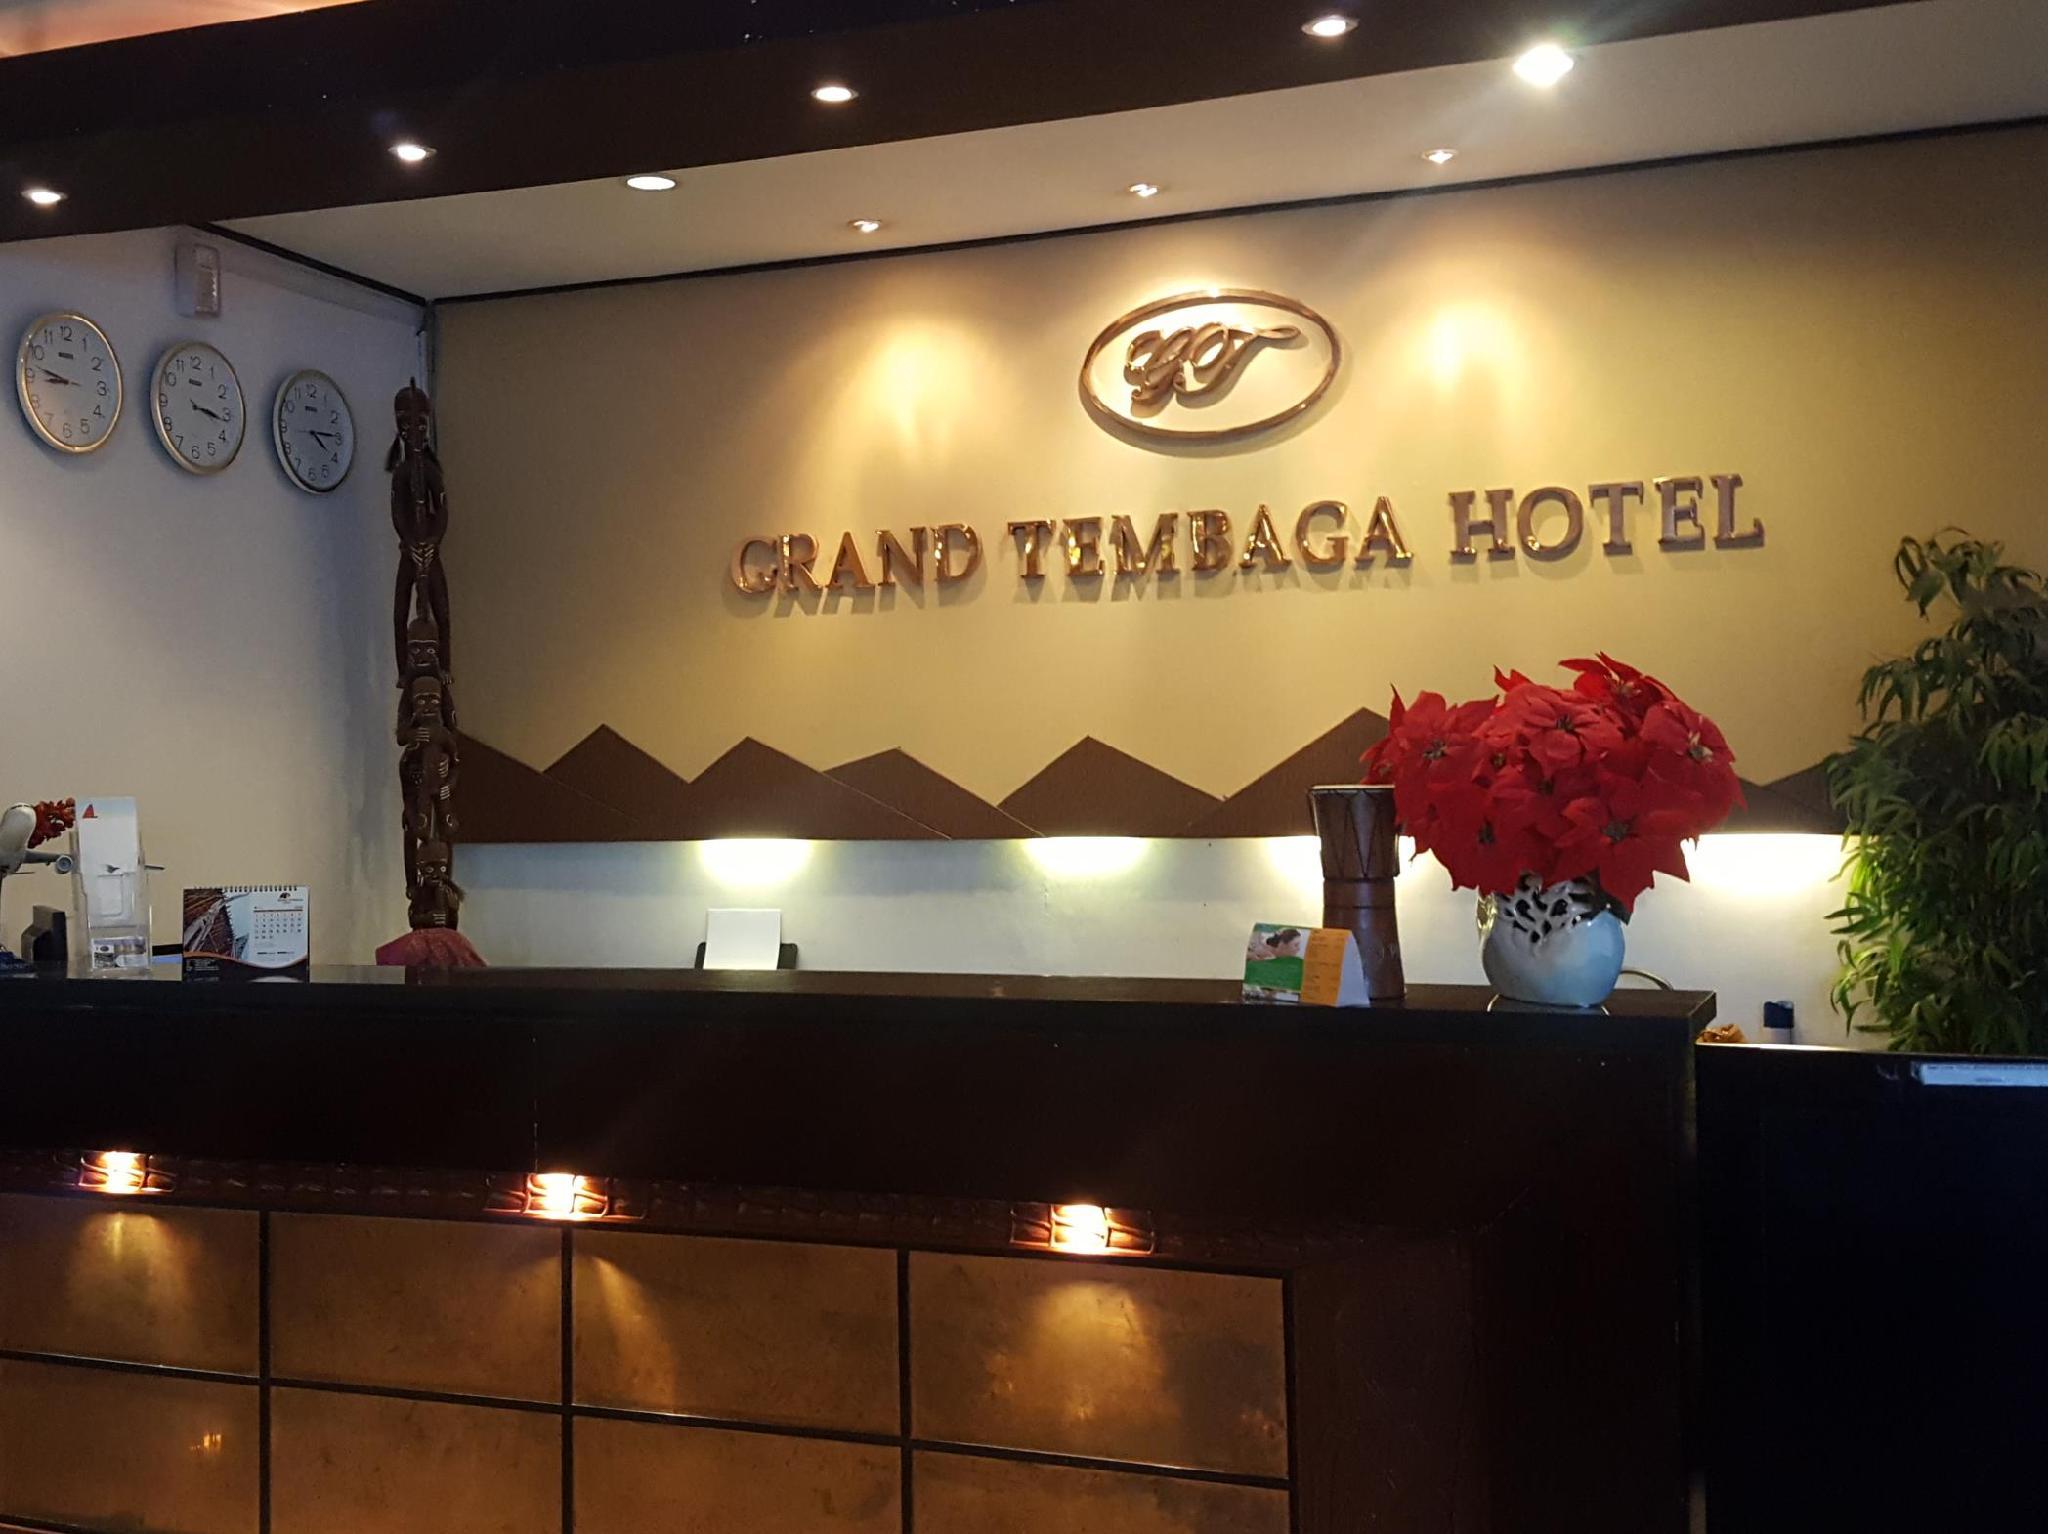 Hotel Grand Tembaga Hotel - Yos Sudarso Street No.133 - Timika